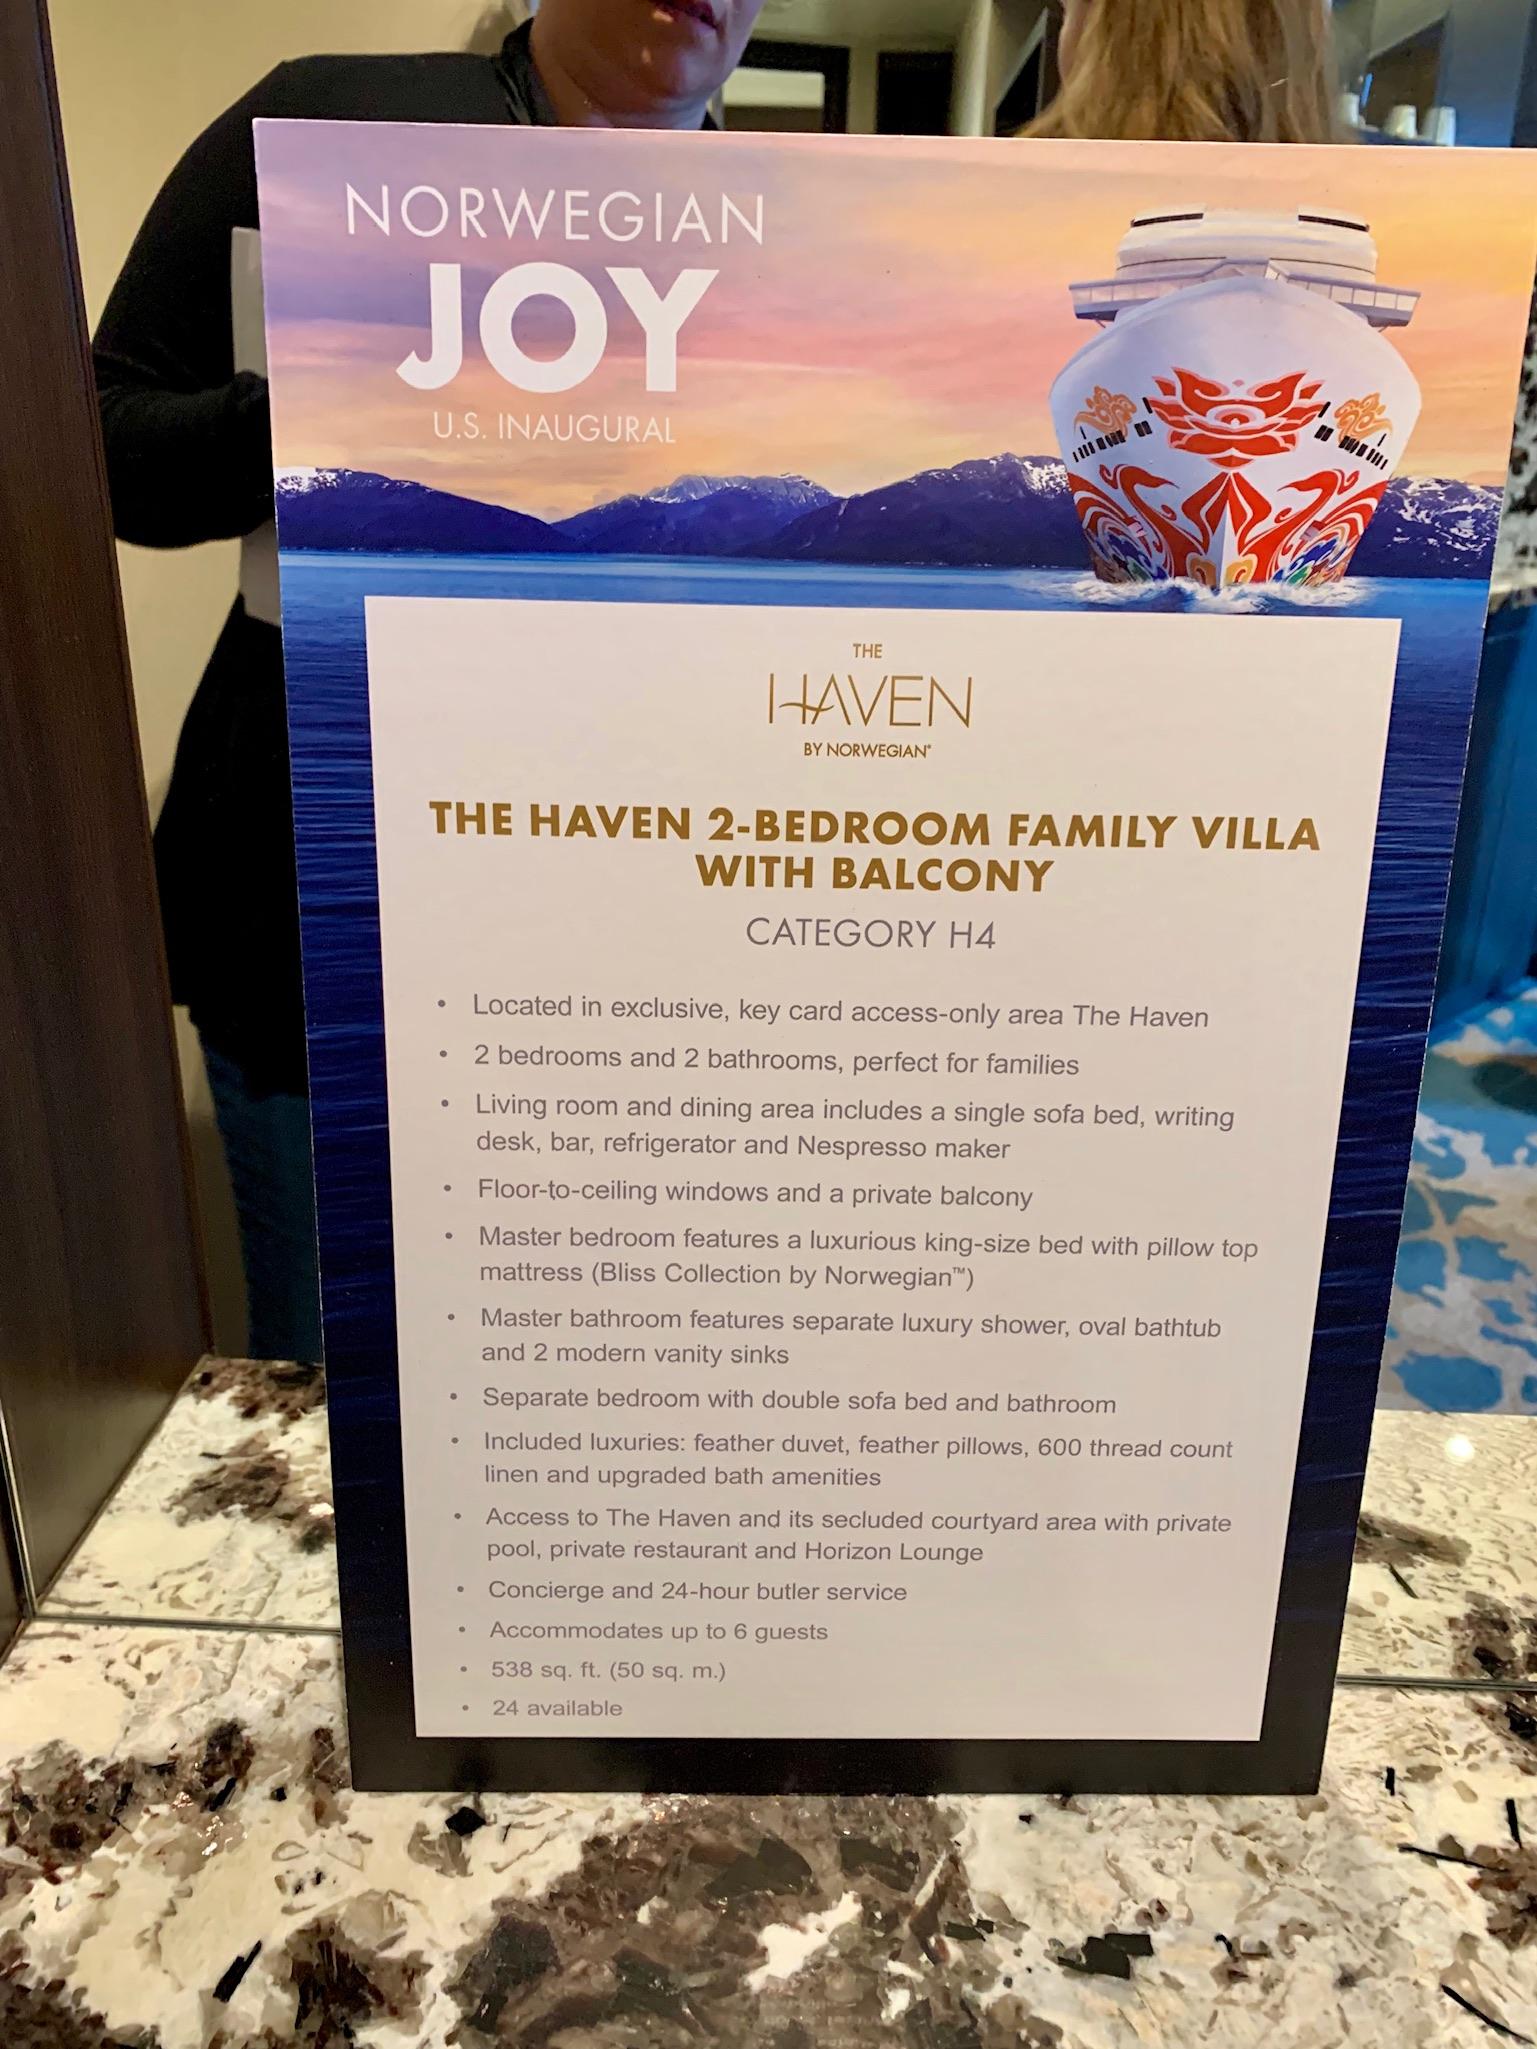 NCL Joy - Rooms - Haven 2 BR Family Villa Room Info.jpg